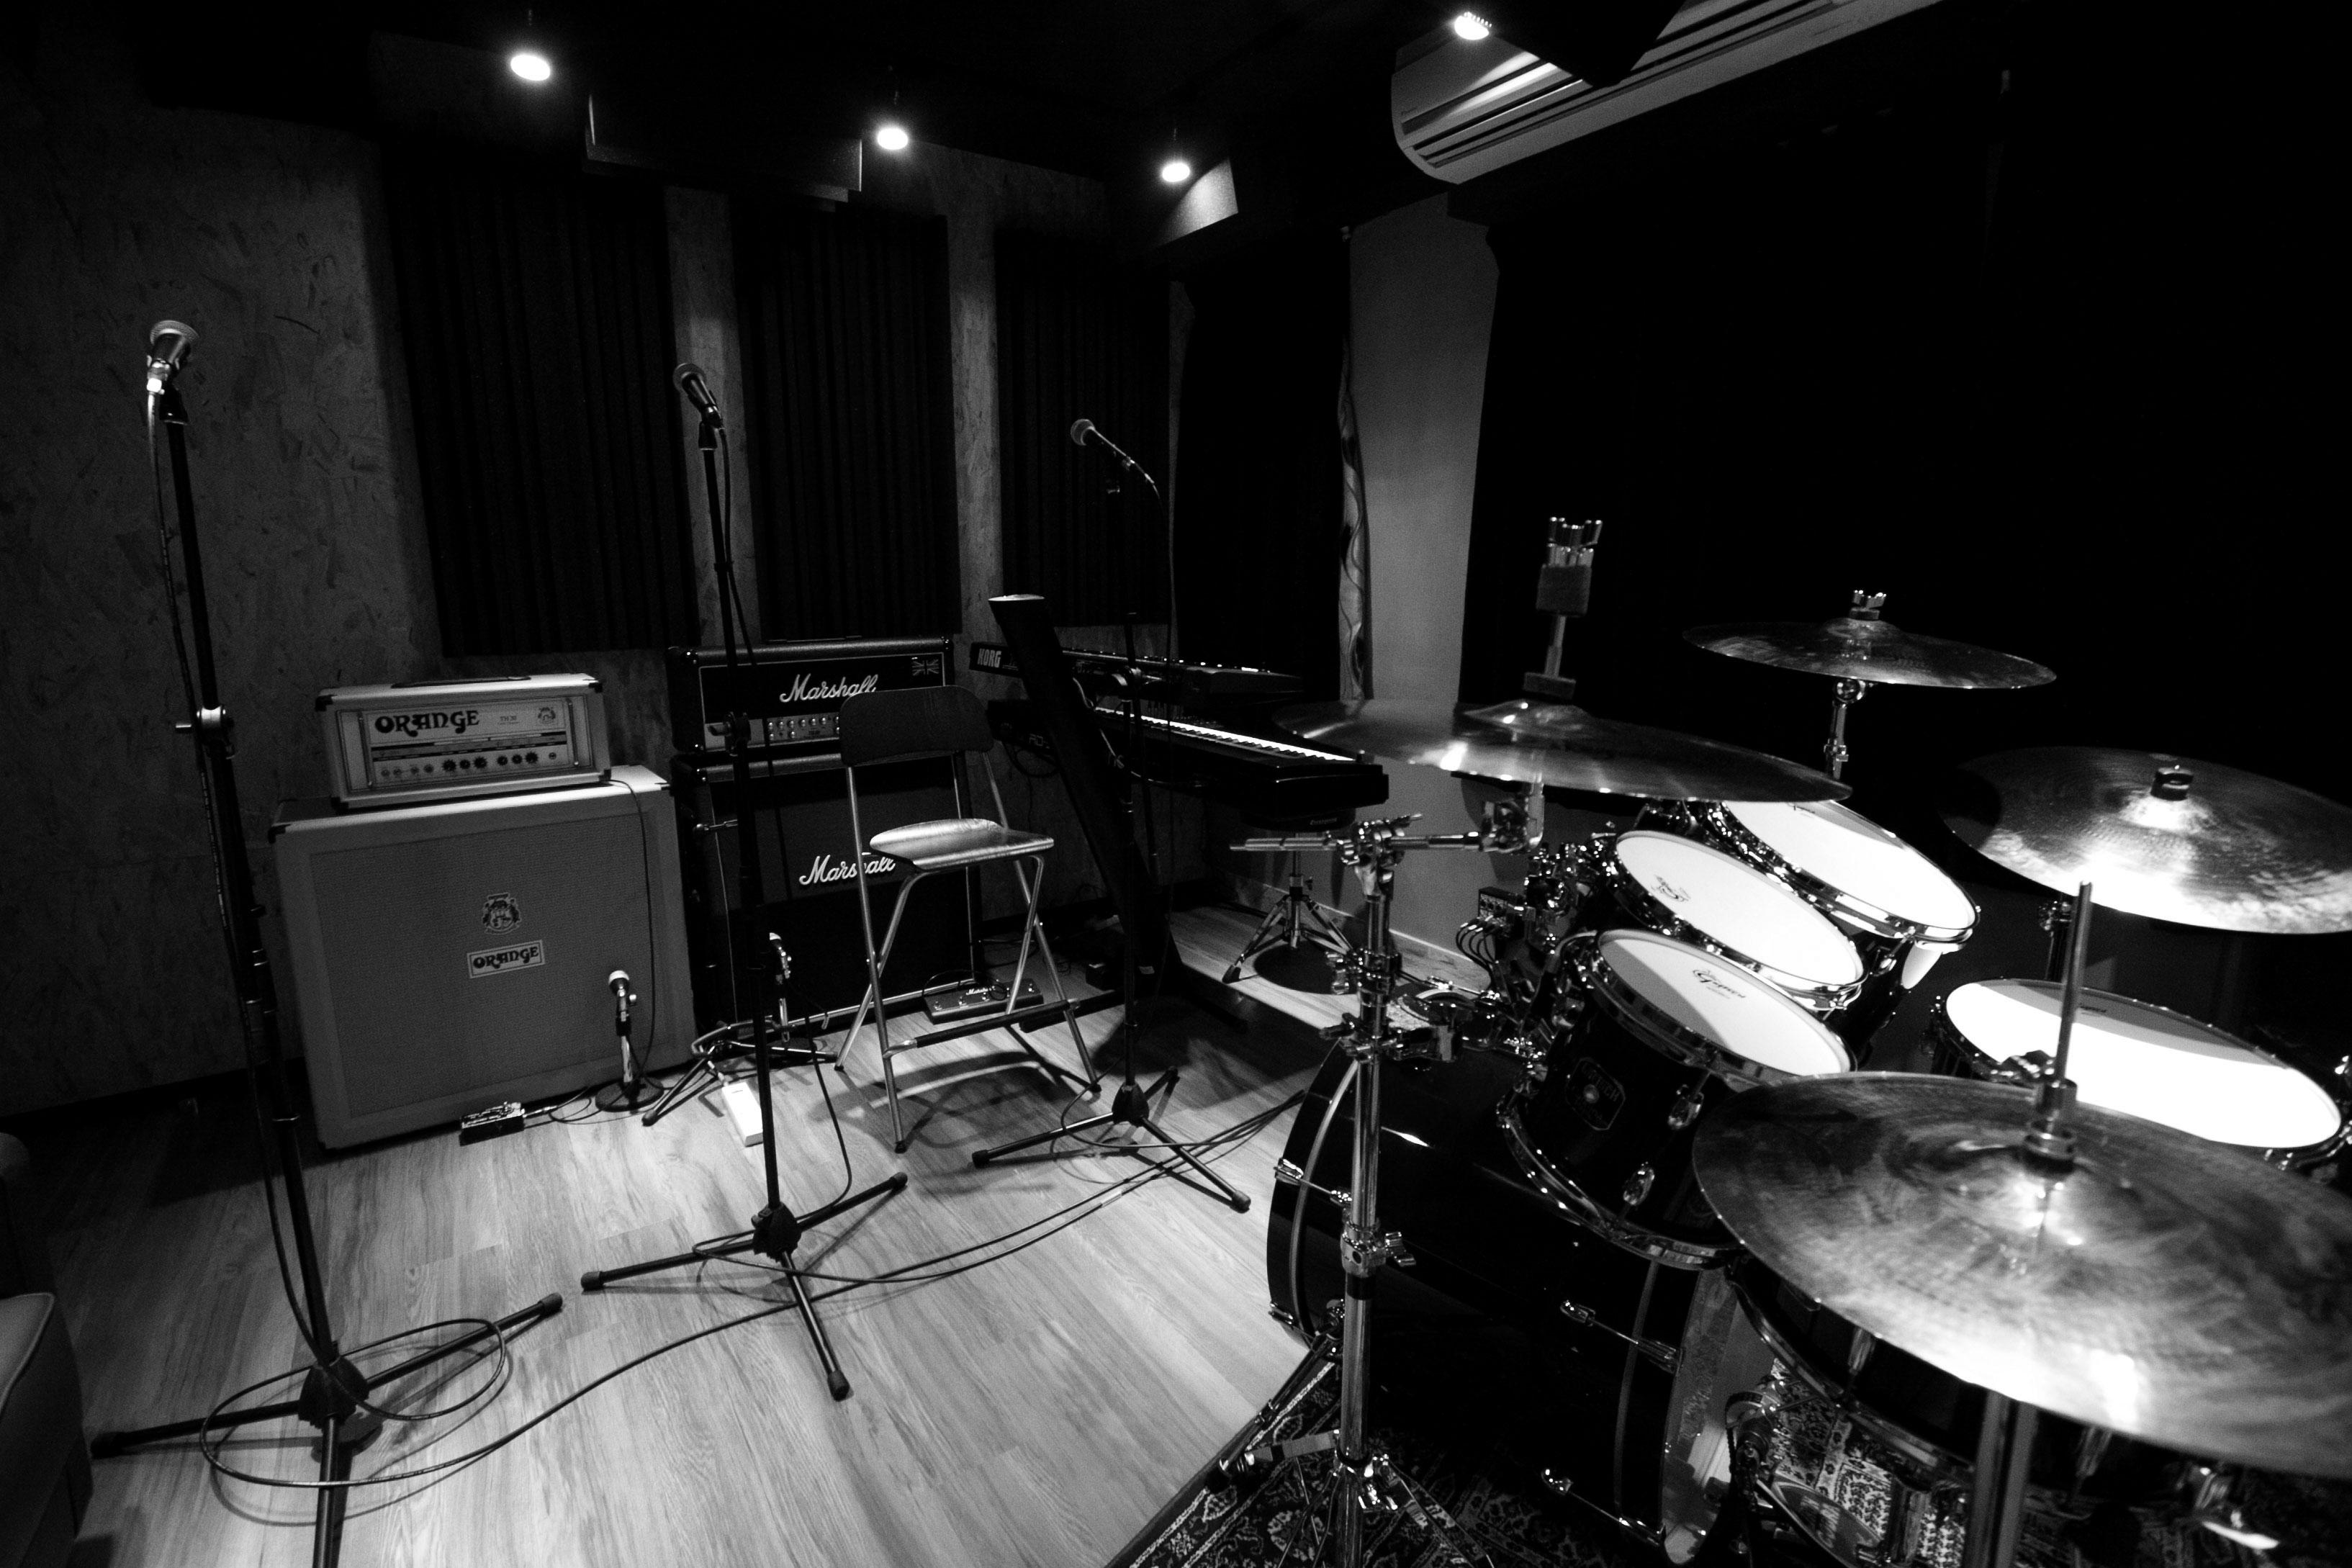 乐队排练室-拨片网-乐队都上的摇滚音乐社区.jpg